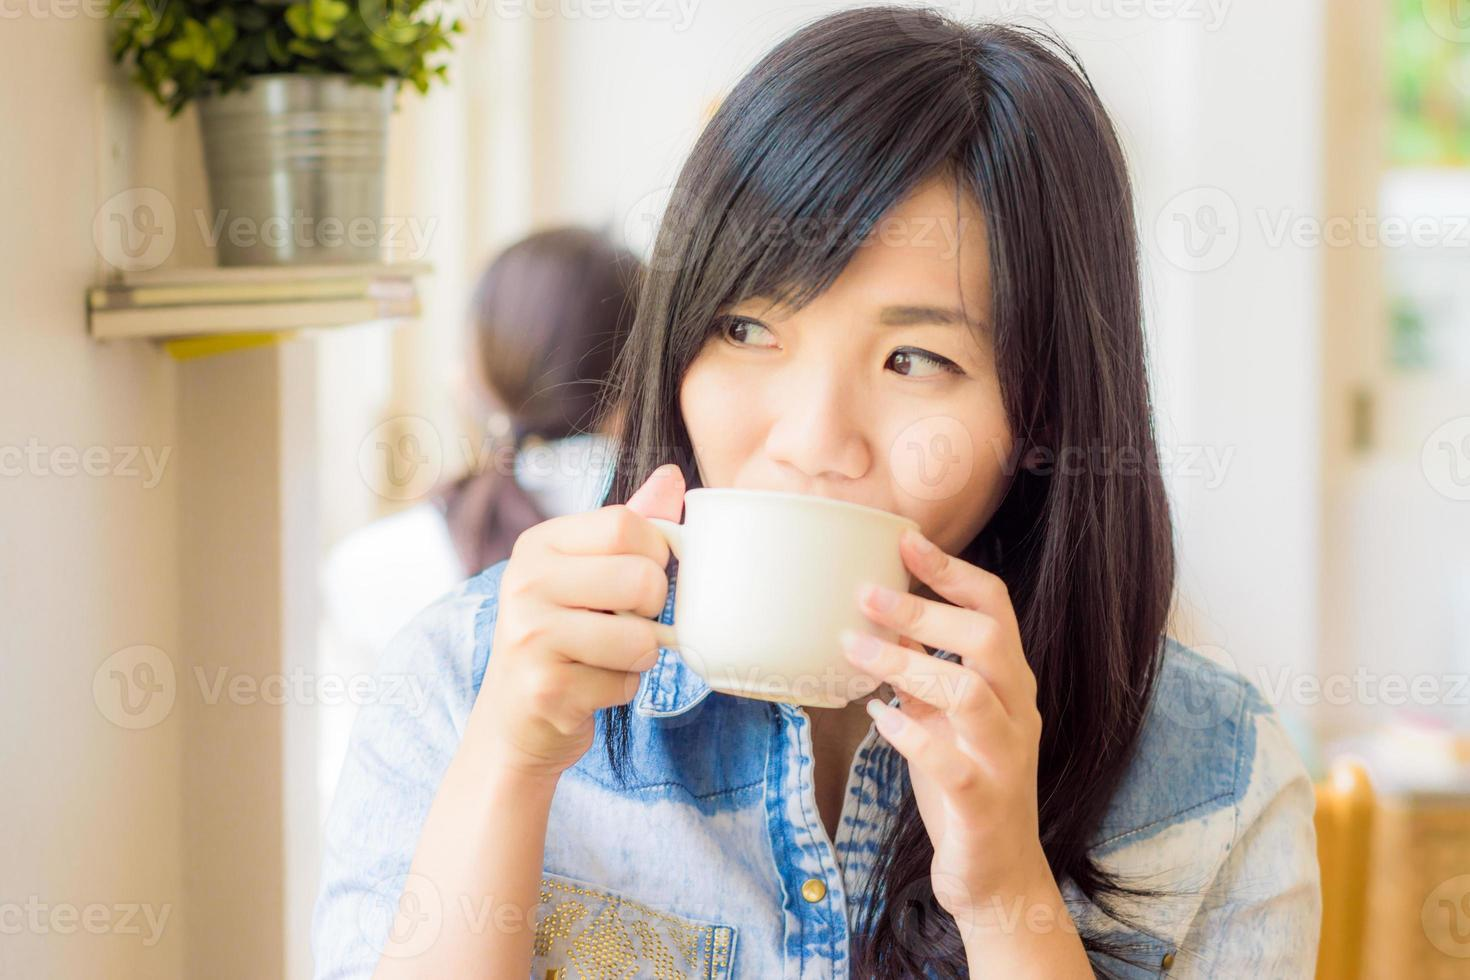 mulher com uma xícara de café sorrindo no café foto